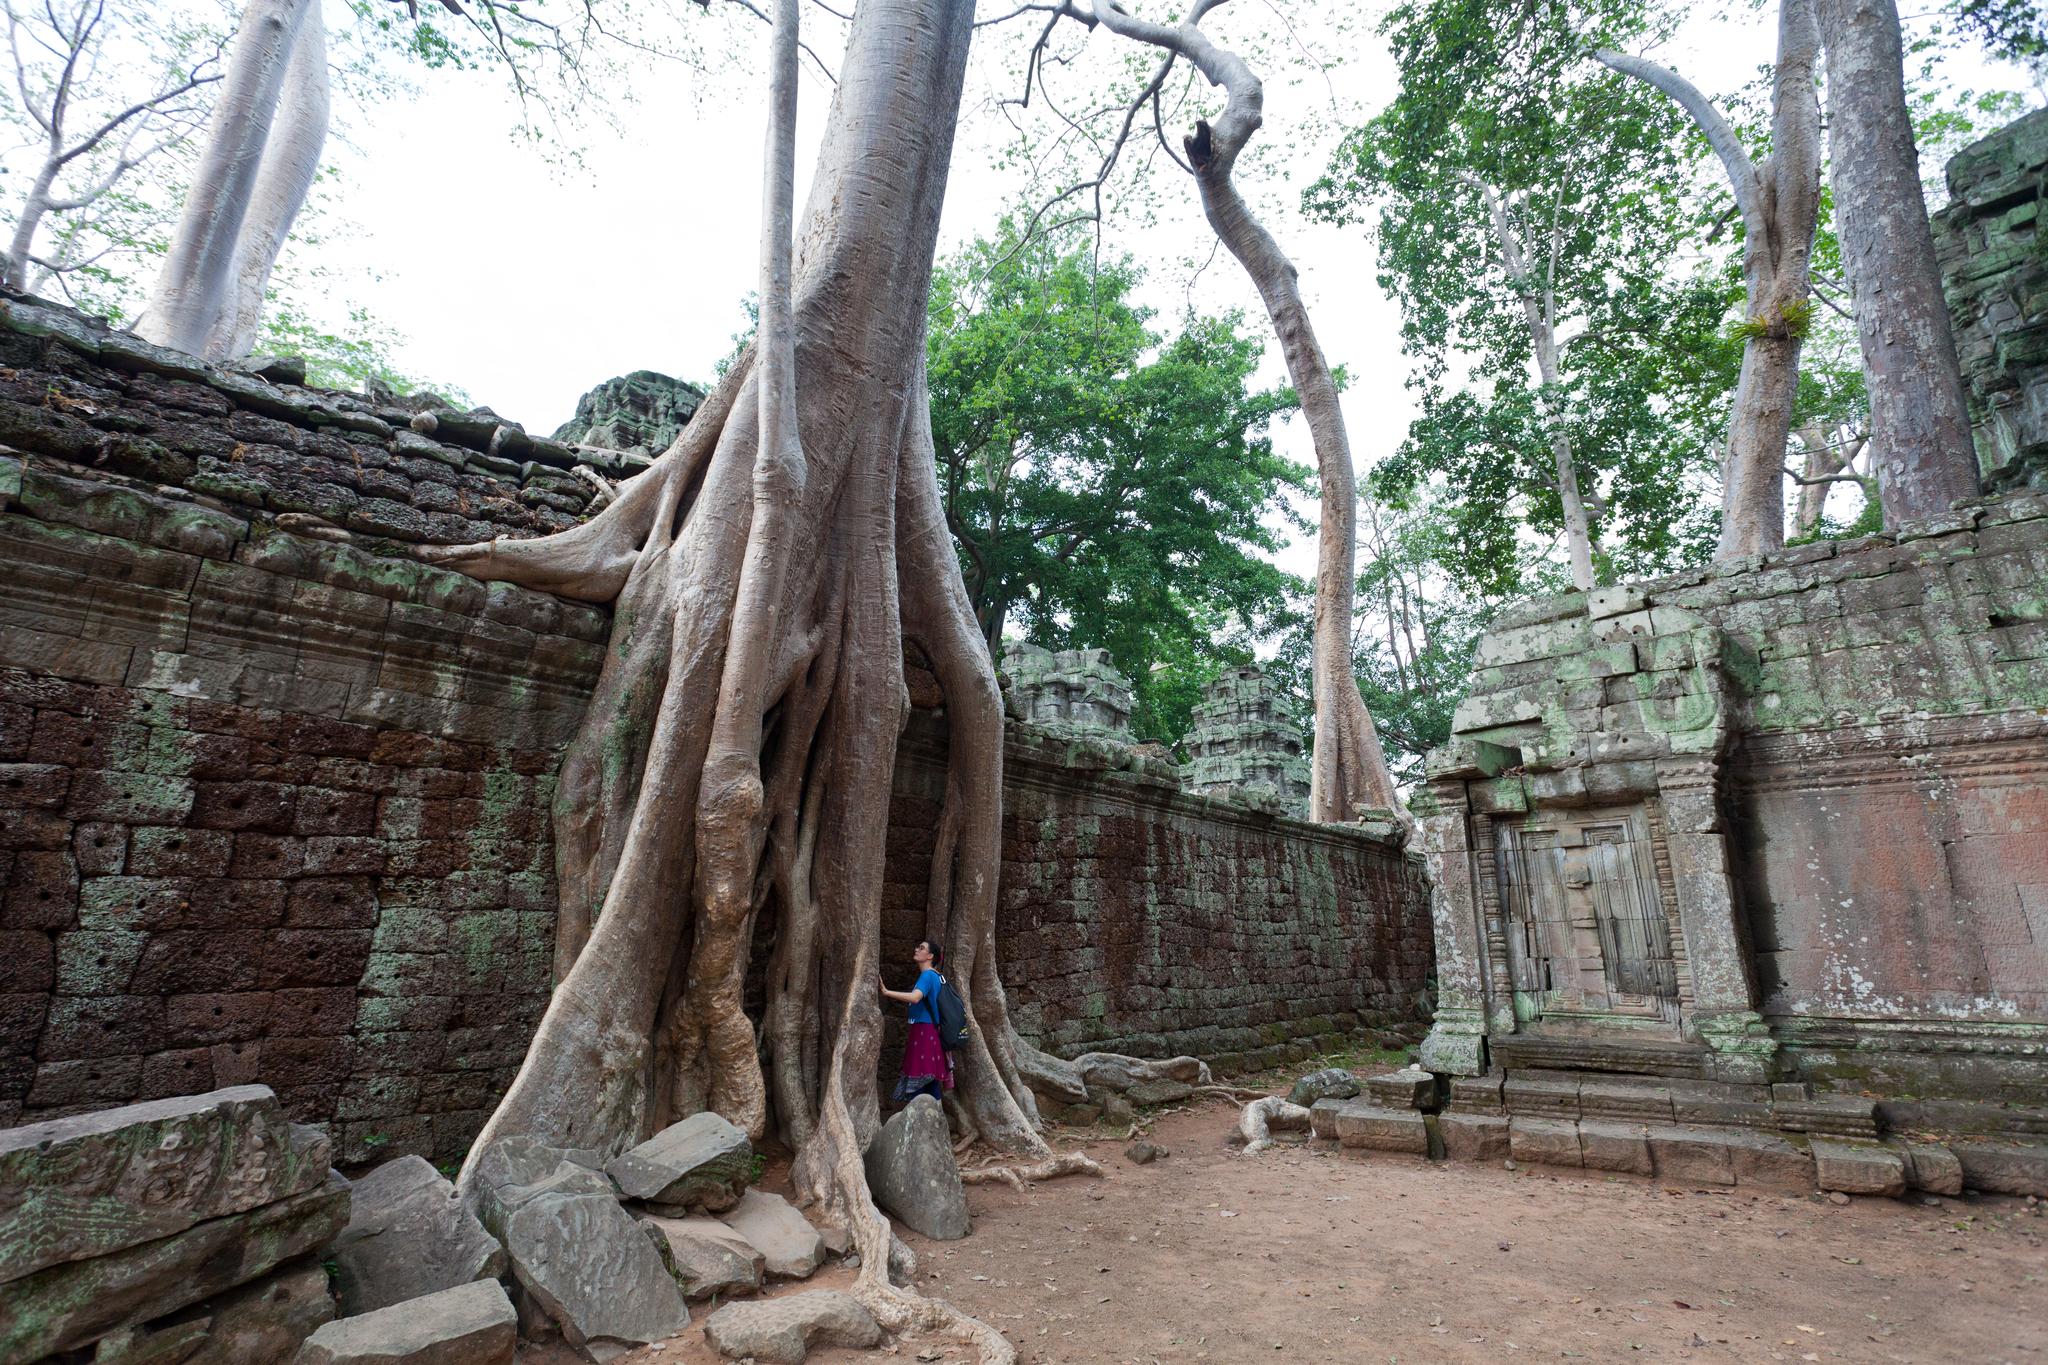 타프롬에 있는 스펑나무. 최승표 기자